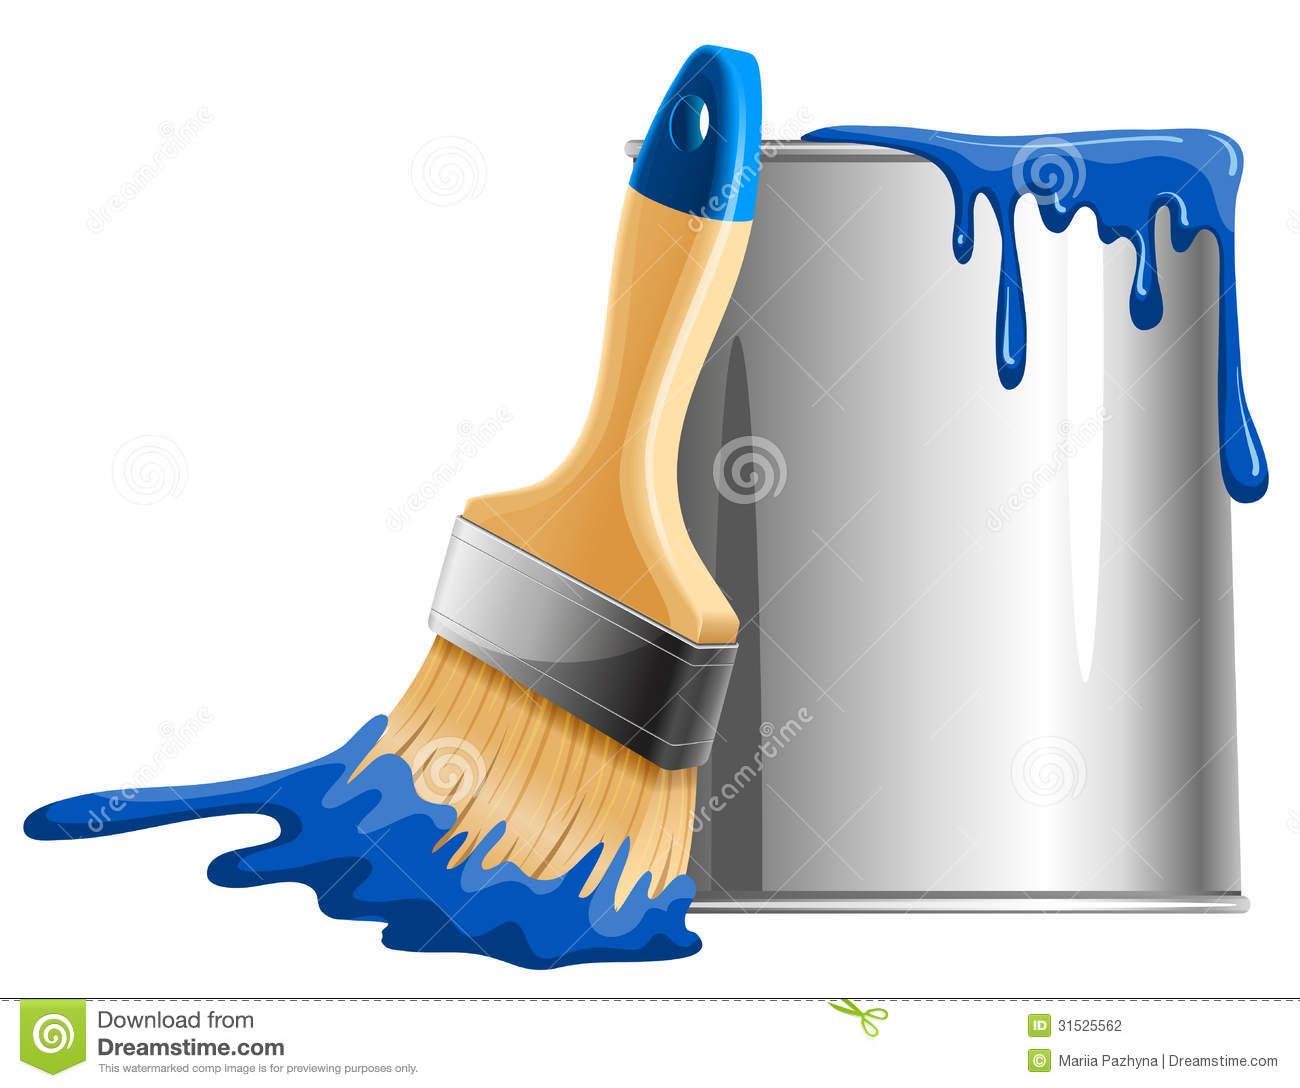 paintbucketvectorbucketpaintbrushbluevectorillustration